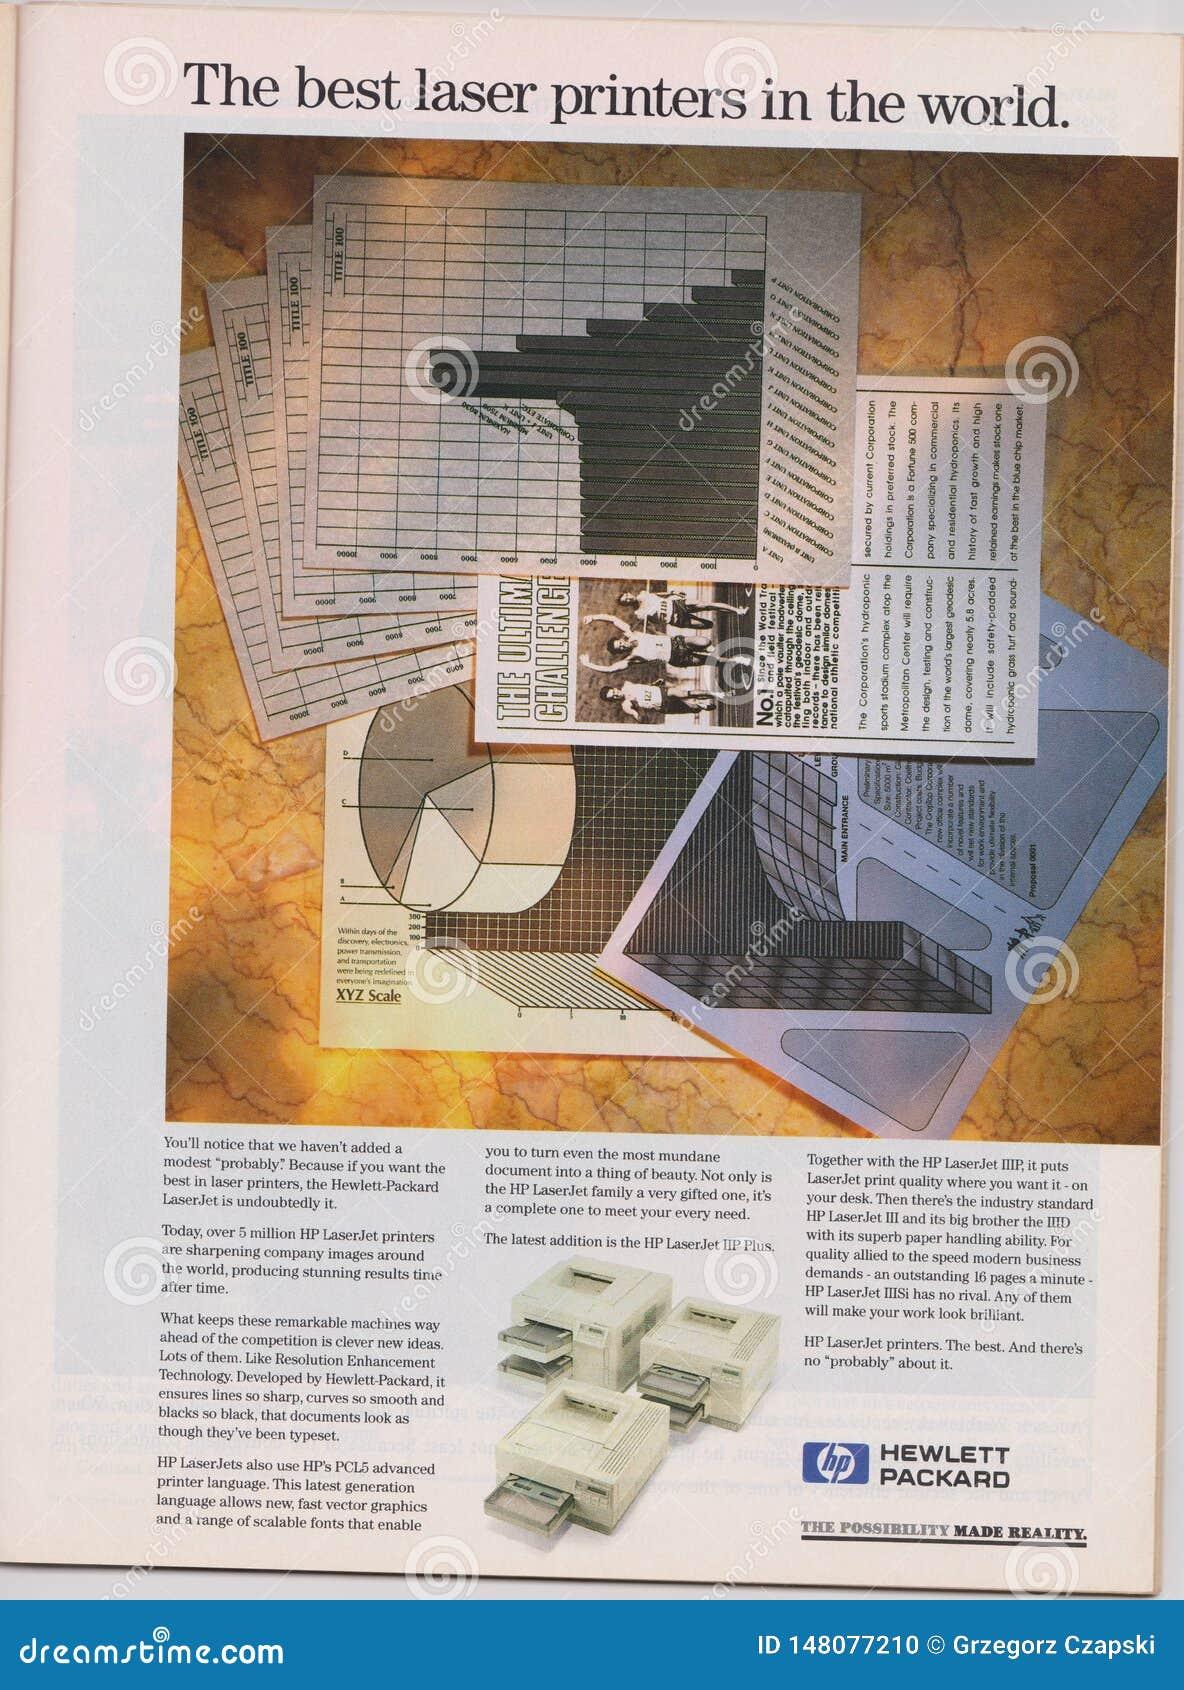 αφίσα που διαφημίζει τους εκτυπωτές λέιζερ HP Hewlett Packard στο περιοδικό από το 1992, οι καλύτεροι εκτυπωτές λέιζερ στο παγκόσ